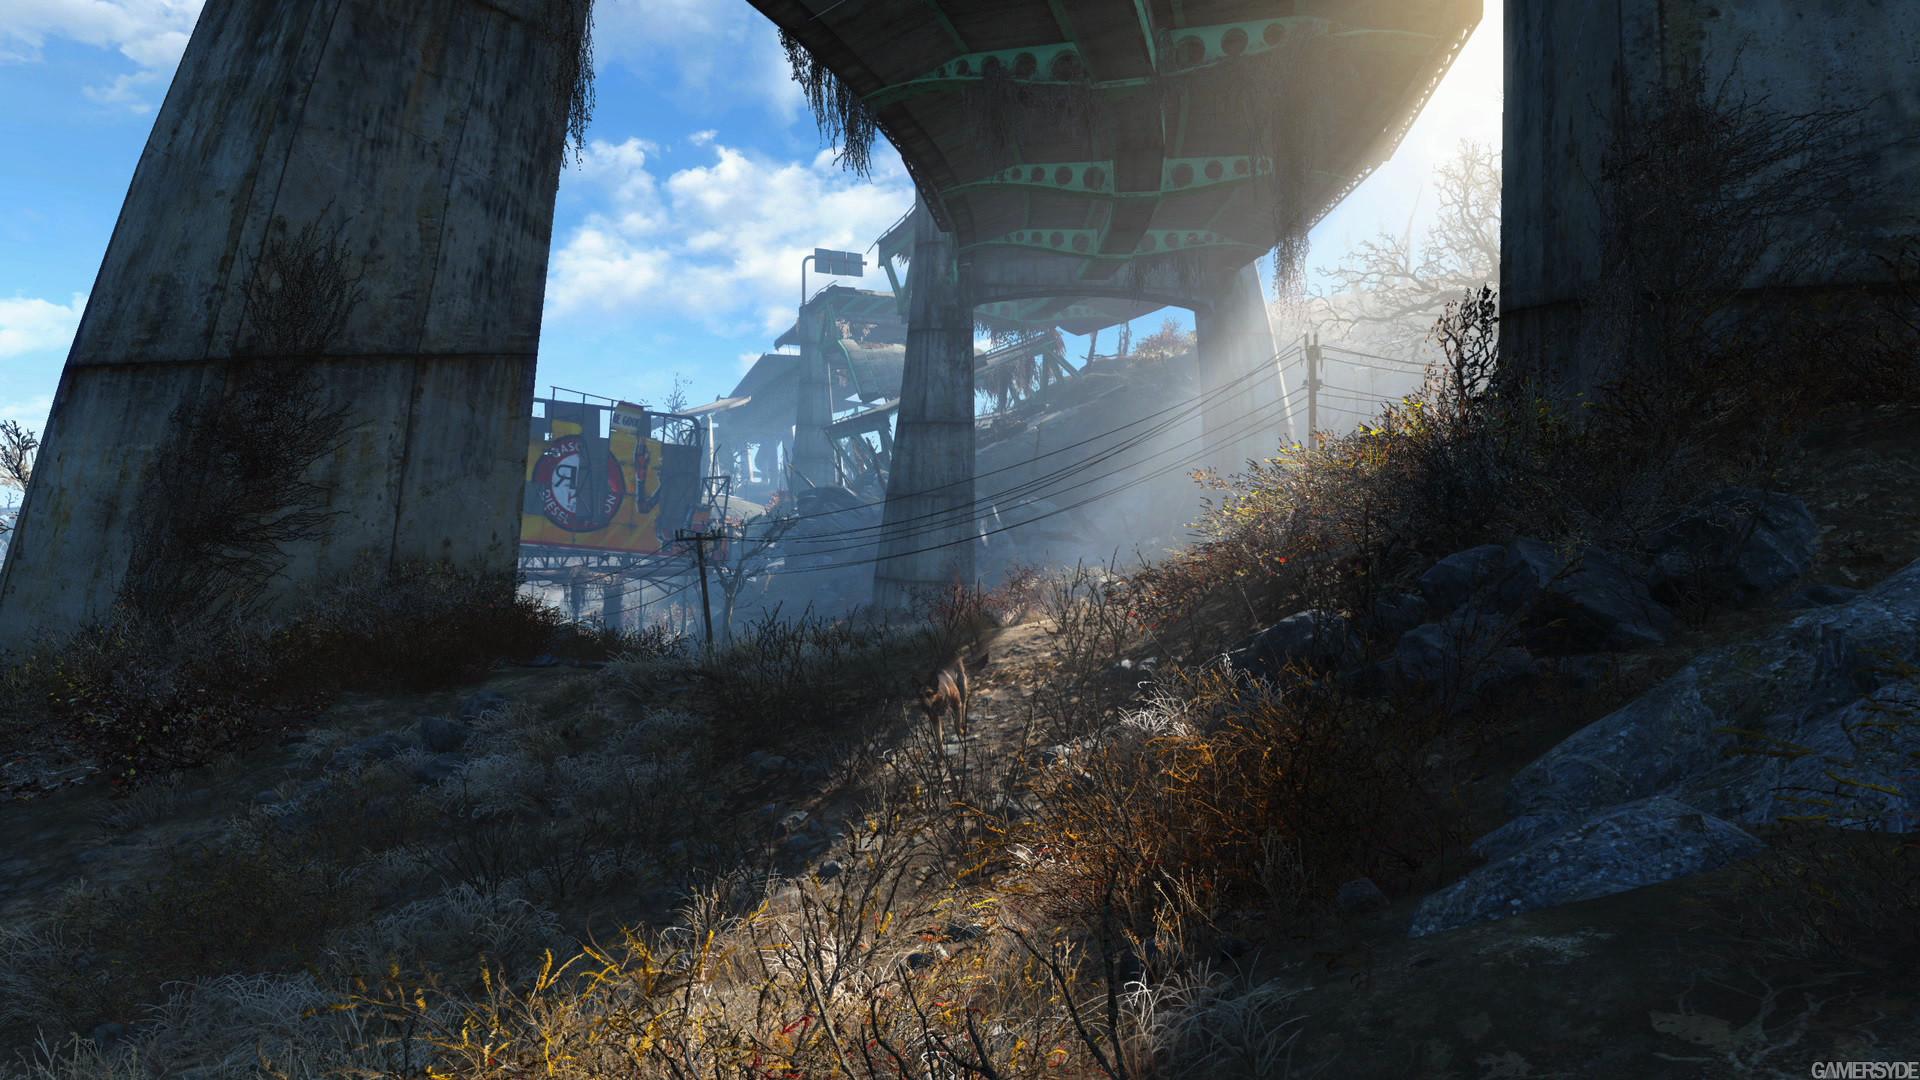 Fallout 4 Video Game Wallpaper Fallout 4 Wallpaper 4k